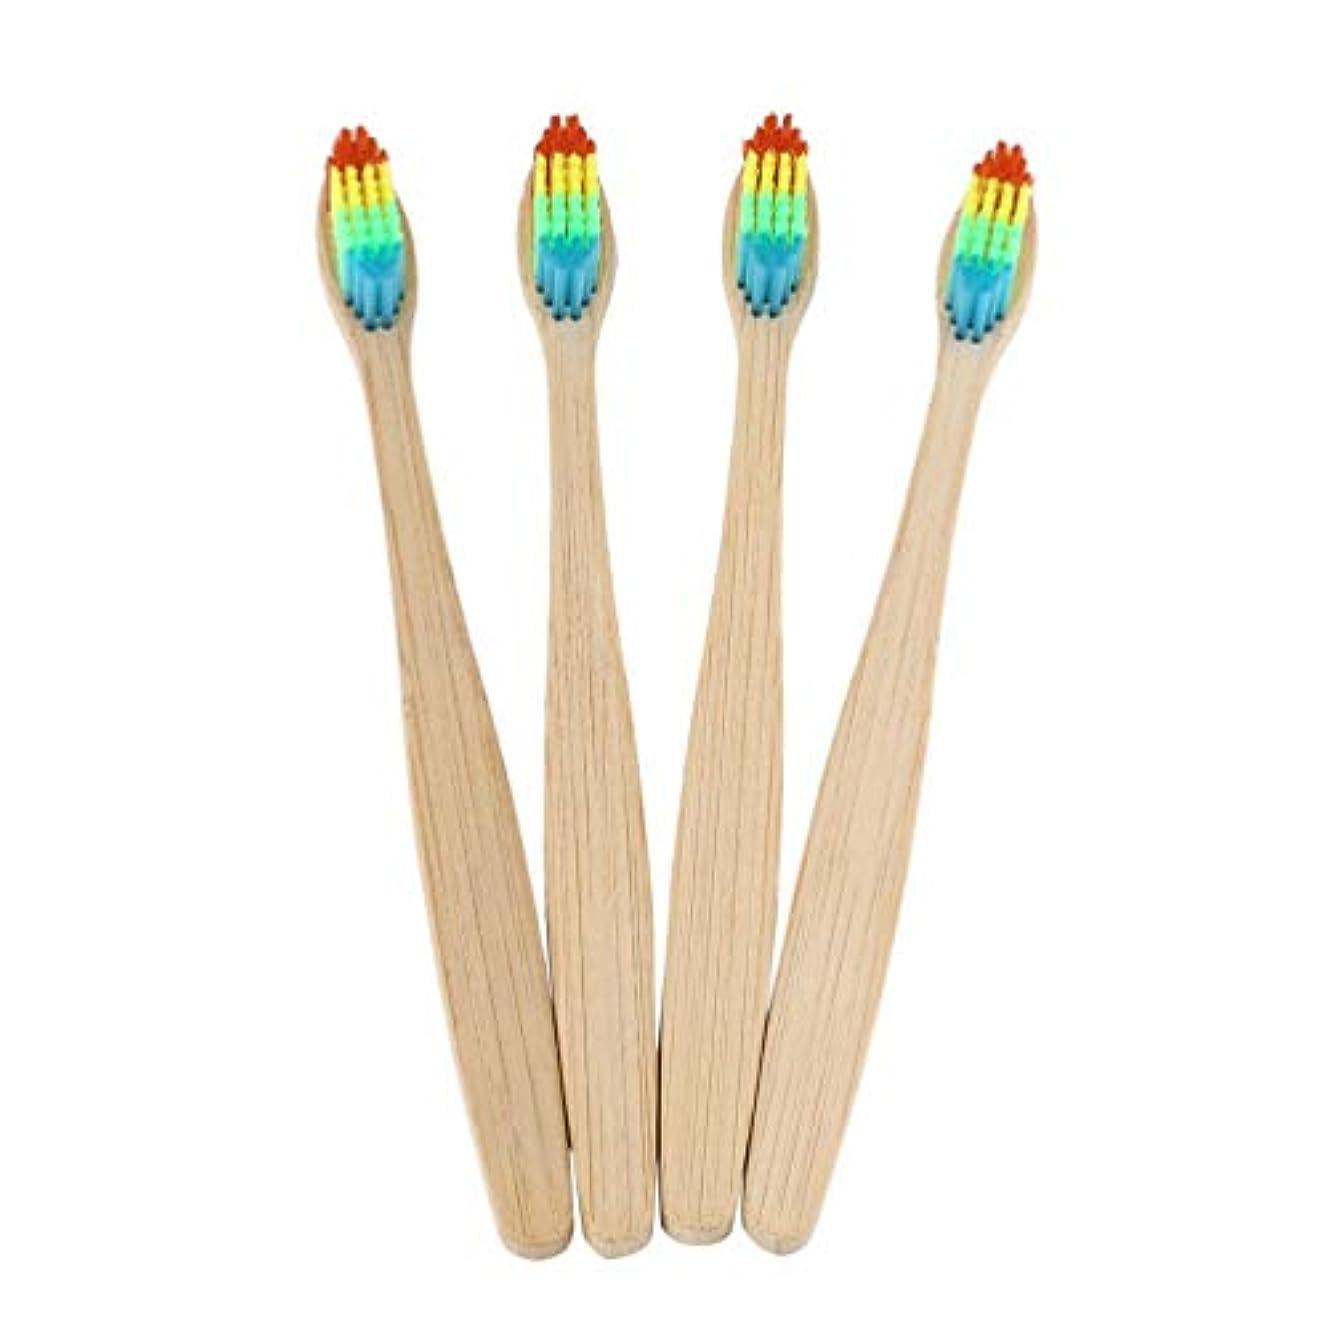 管理者暴露バルーンカラフルな髪+竹のハンドル歯ブラシ環境木製の虹竹の歯ブラシオーラルケアソフト剛毛ユニセックス - ウッドカラー+カラフル